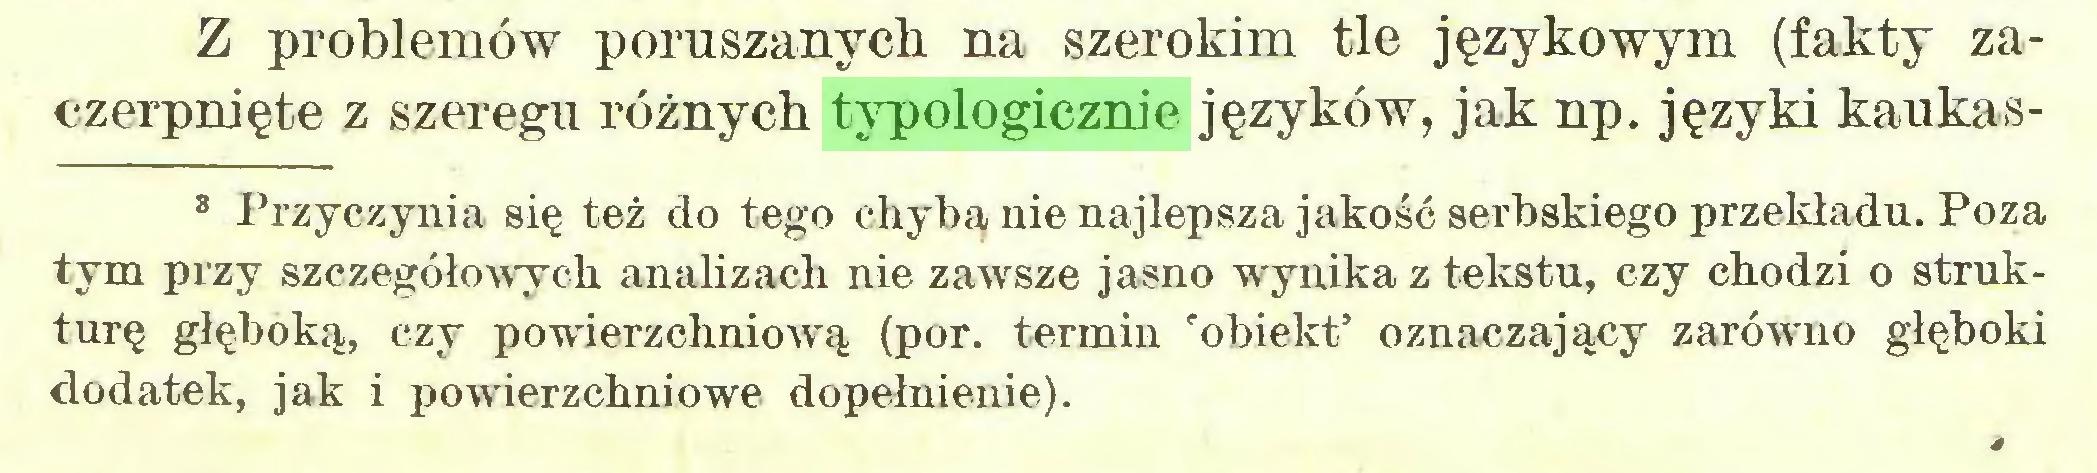 (...) Z problemów poruszanych na szerokim tle językowym (fakty zaczerpnięte z szeregu różnych typologicznie języków, jak np. języki kaukas8 Przyczynia się też do tego chyba nie najlepsza jakość serbskiego przekładu. Poza tym przy szczegółowych analizach nie zawsze jasno wynika z tekstu, czy chodzi o strukturę głęboką, czy powierzchniową (por. termin 'obiekt' oznaczający zarówno głęboki dodatek, jak i powierzchniowe dopełnienie)...